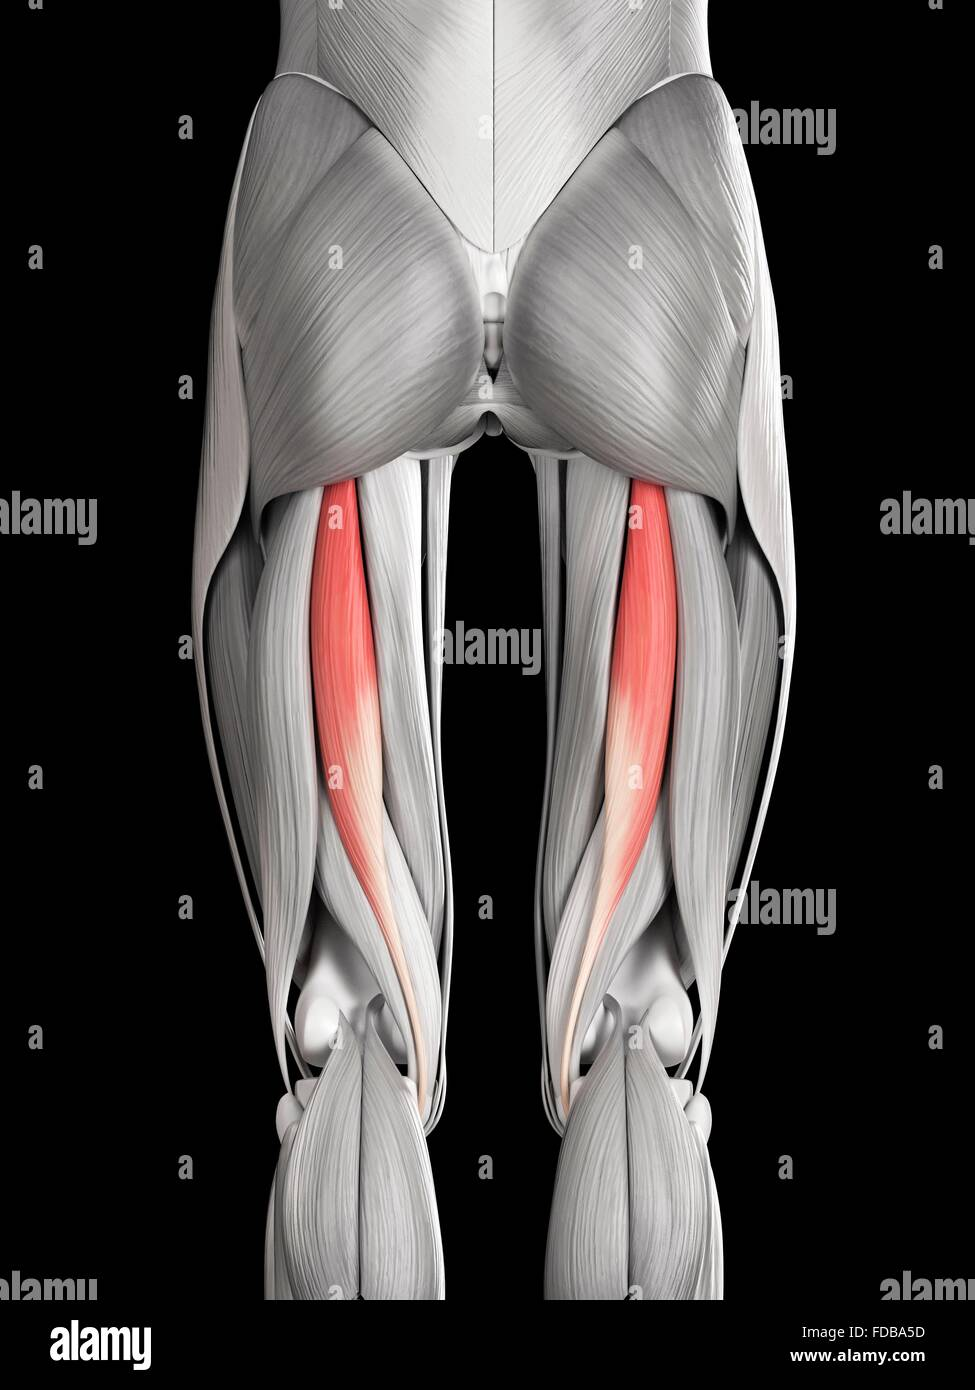 Großzügig Muskeln Im Bein Diagramm Bilder - Menschliche Anatomie ...